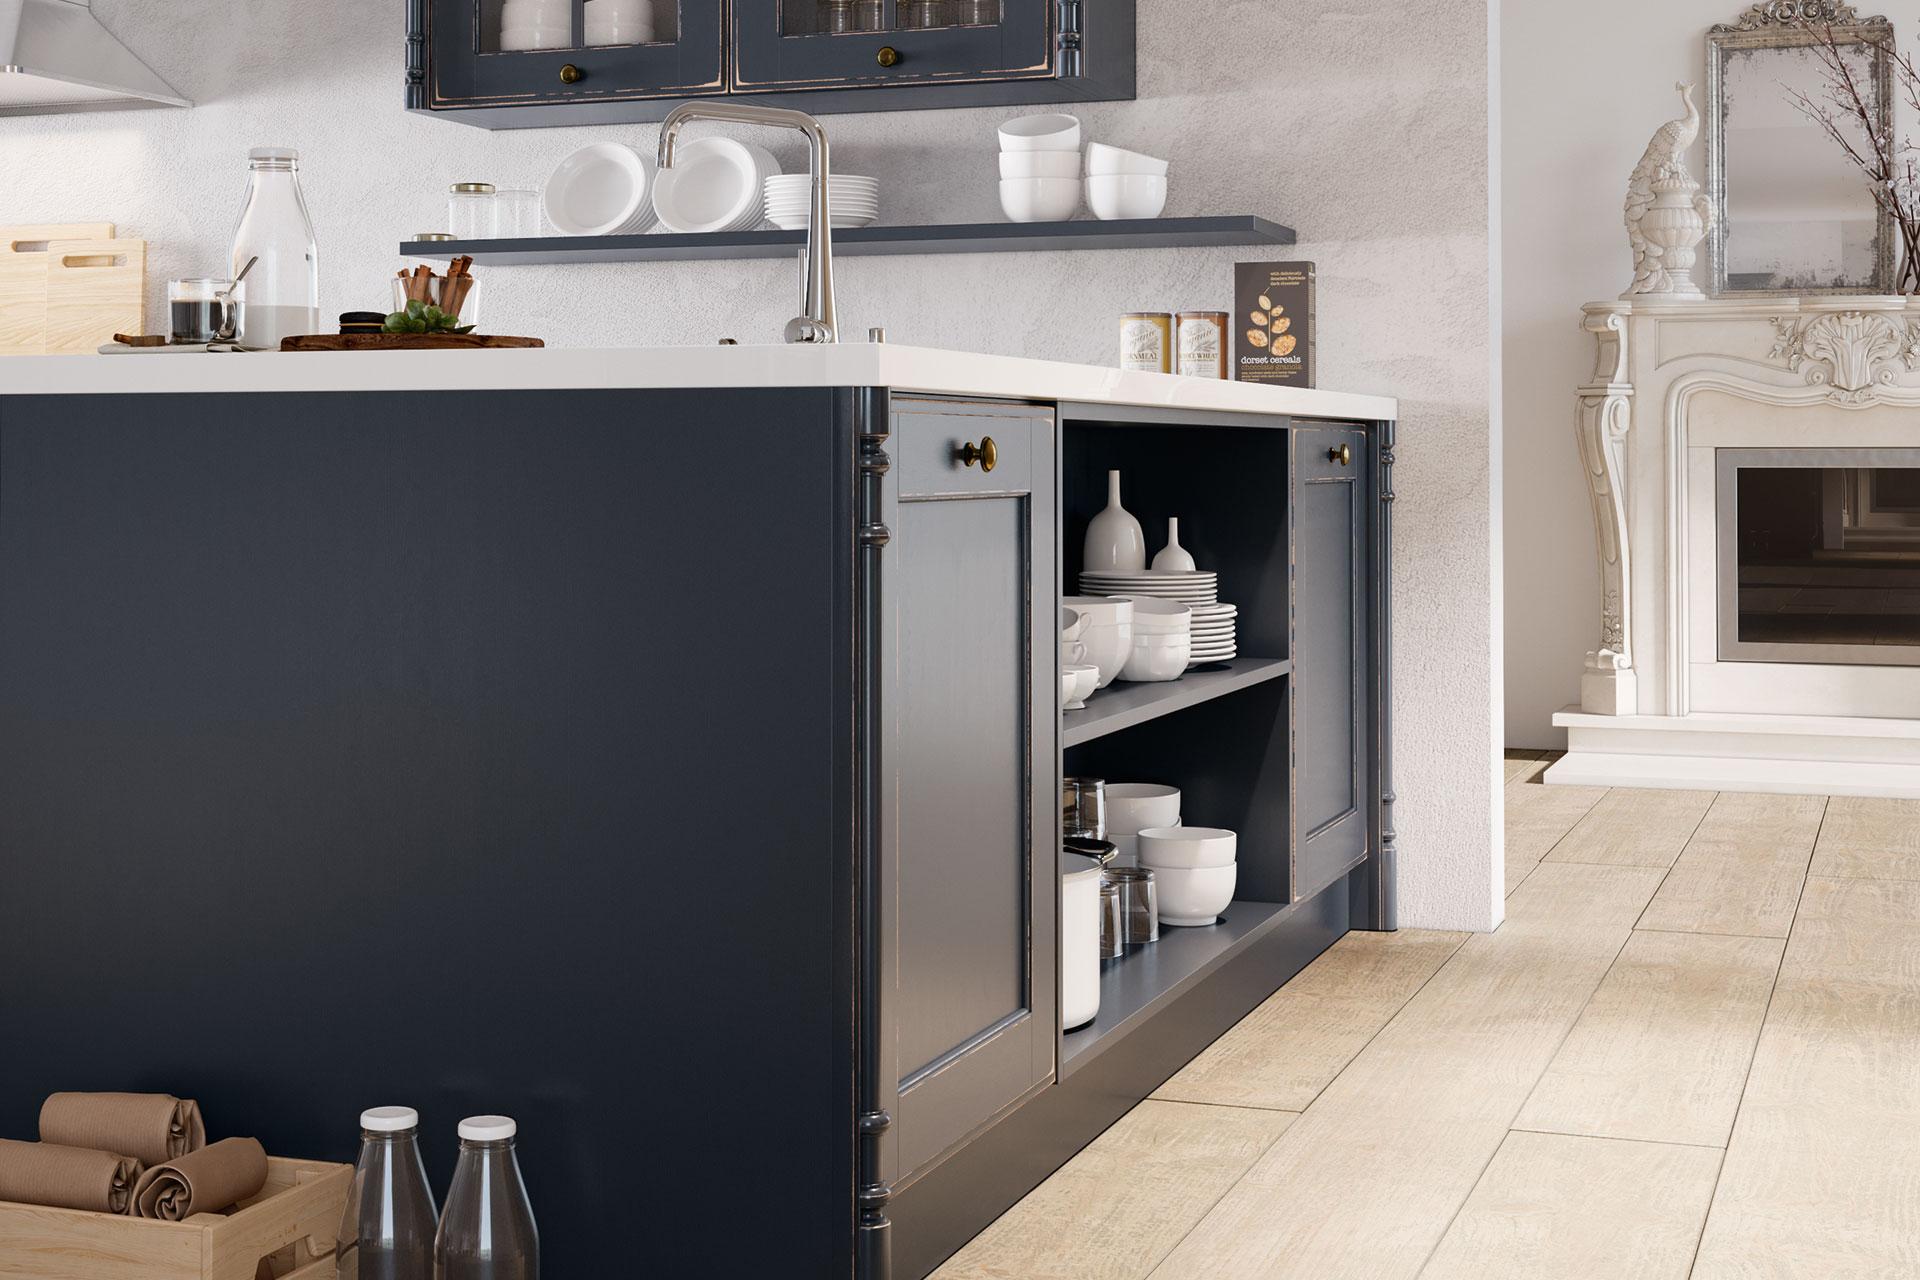 Modell OLDHAM in Night Grey, Detail offene Fächer, Oster Küche